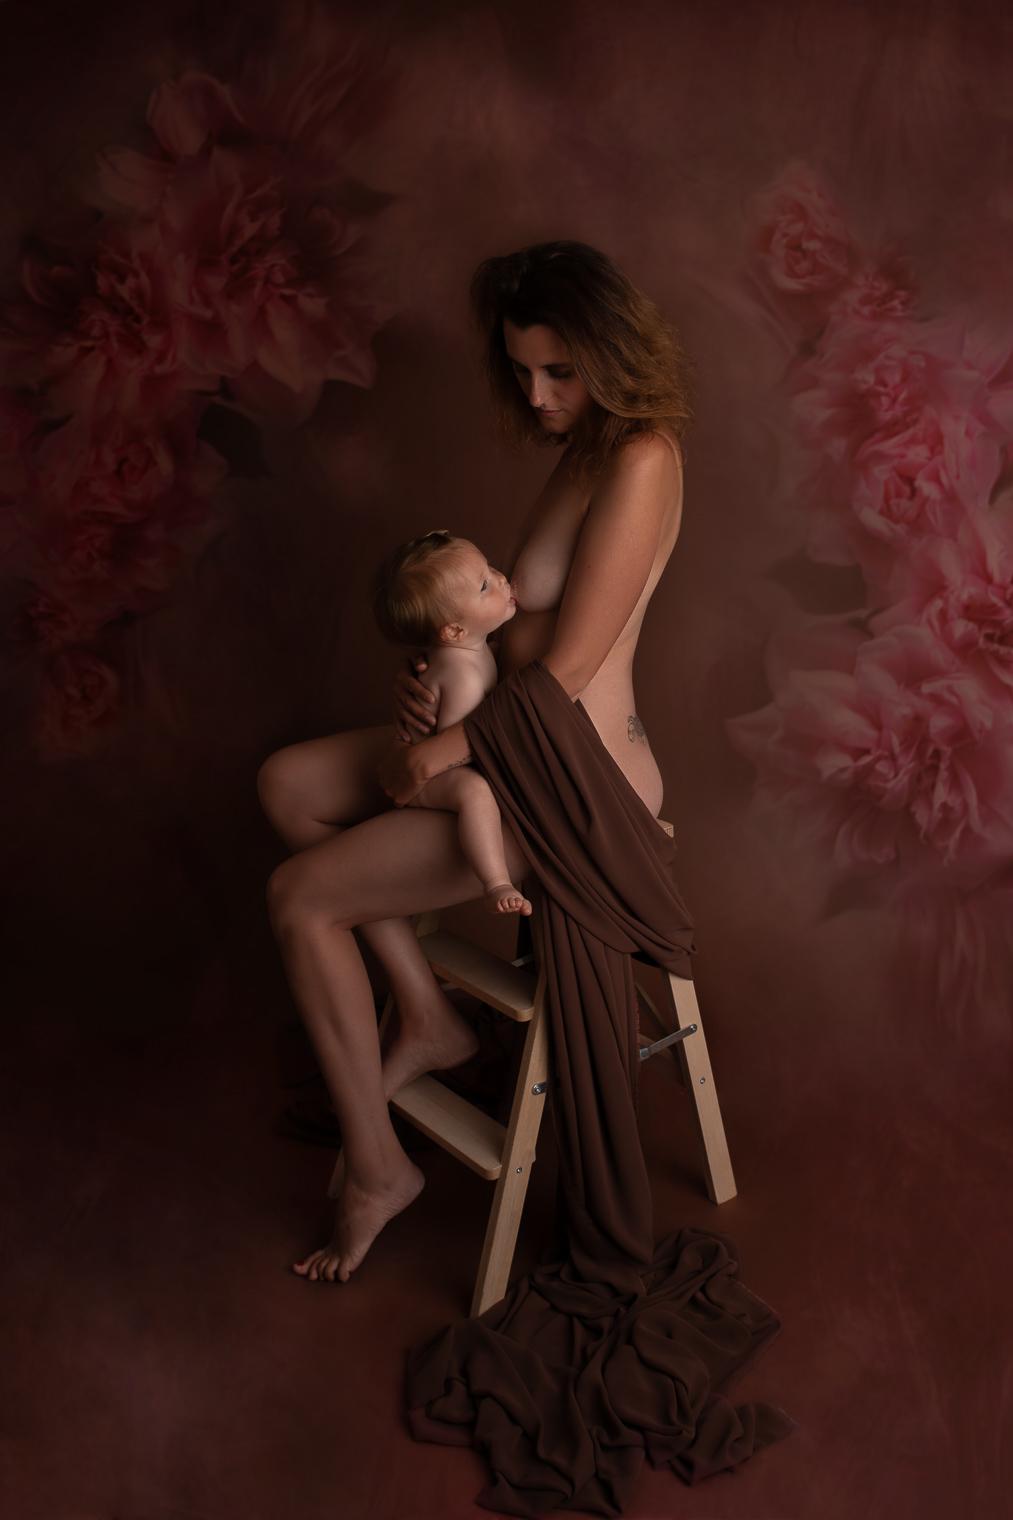 belinda lopez photo bebe enfant allaitement instant lacte maman et moi photographie famille grossesse nouveau-ne maternite photographe bourg-saint-maurice savoie belindalopez.fr-5